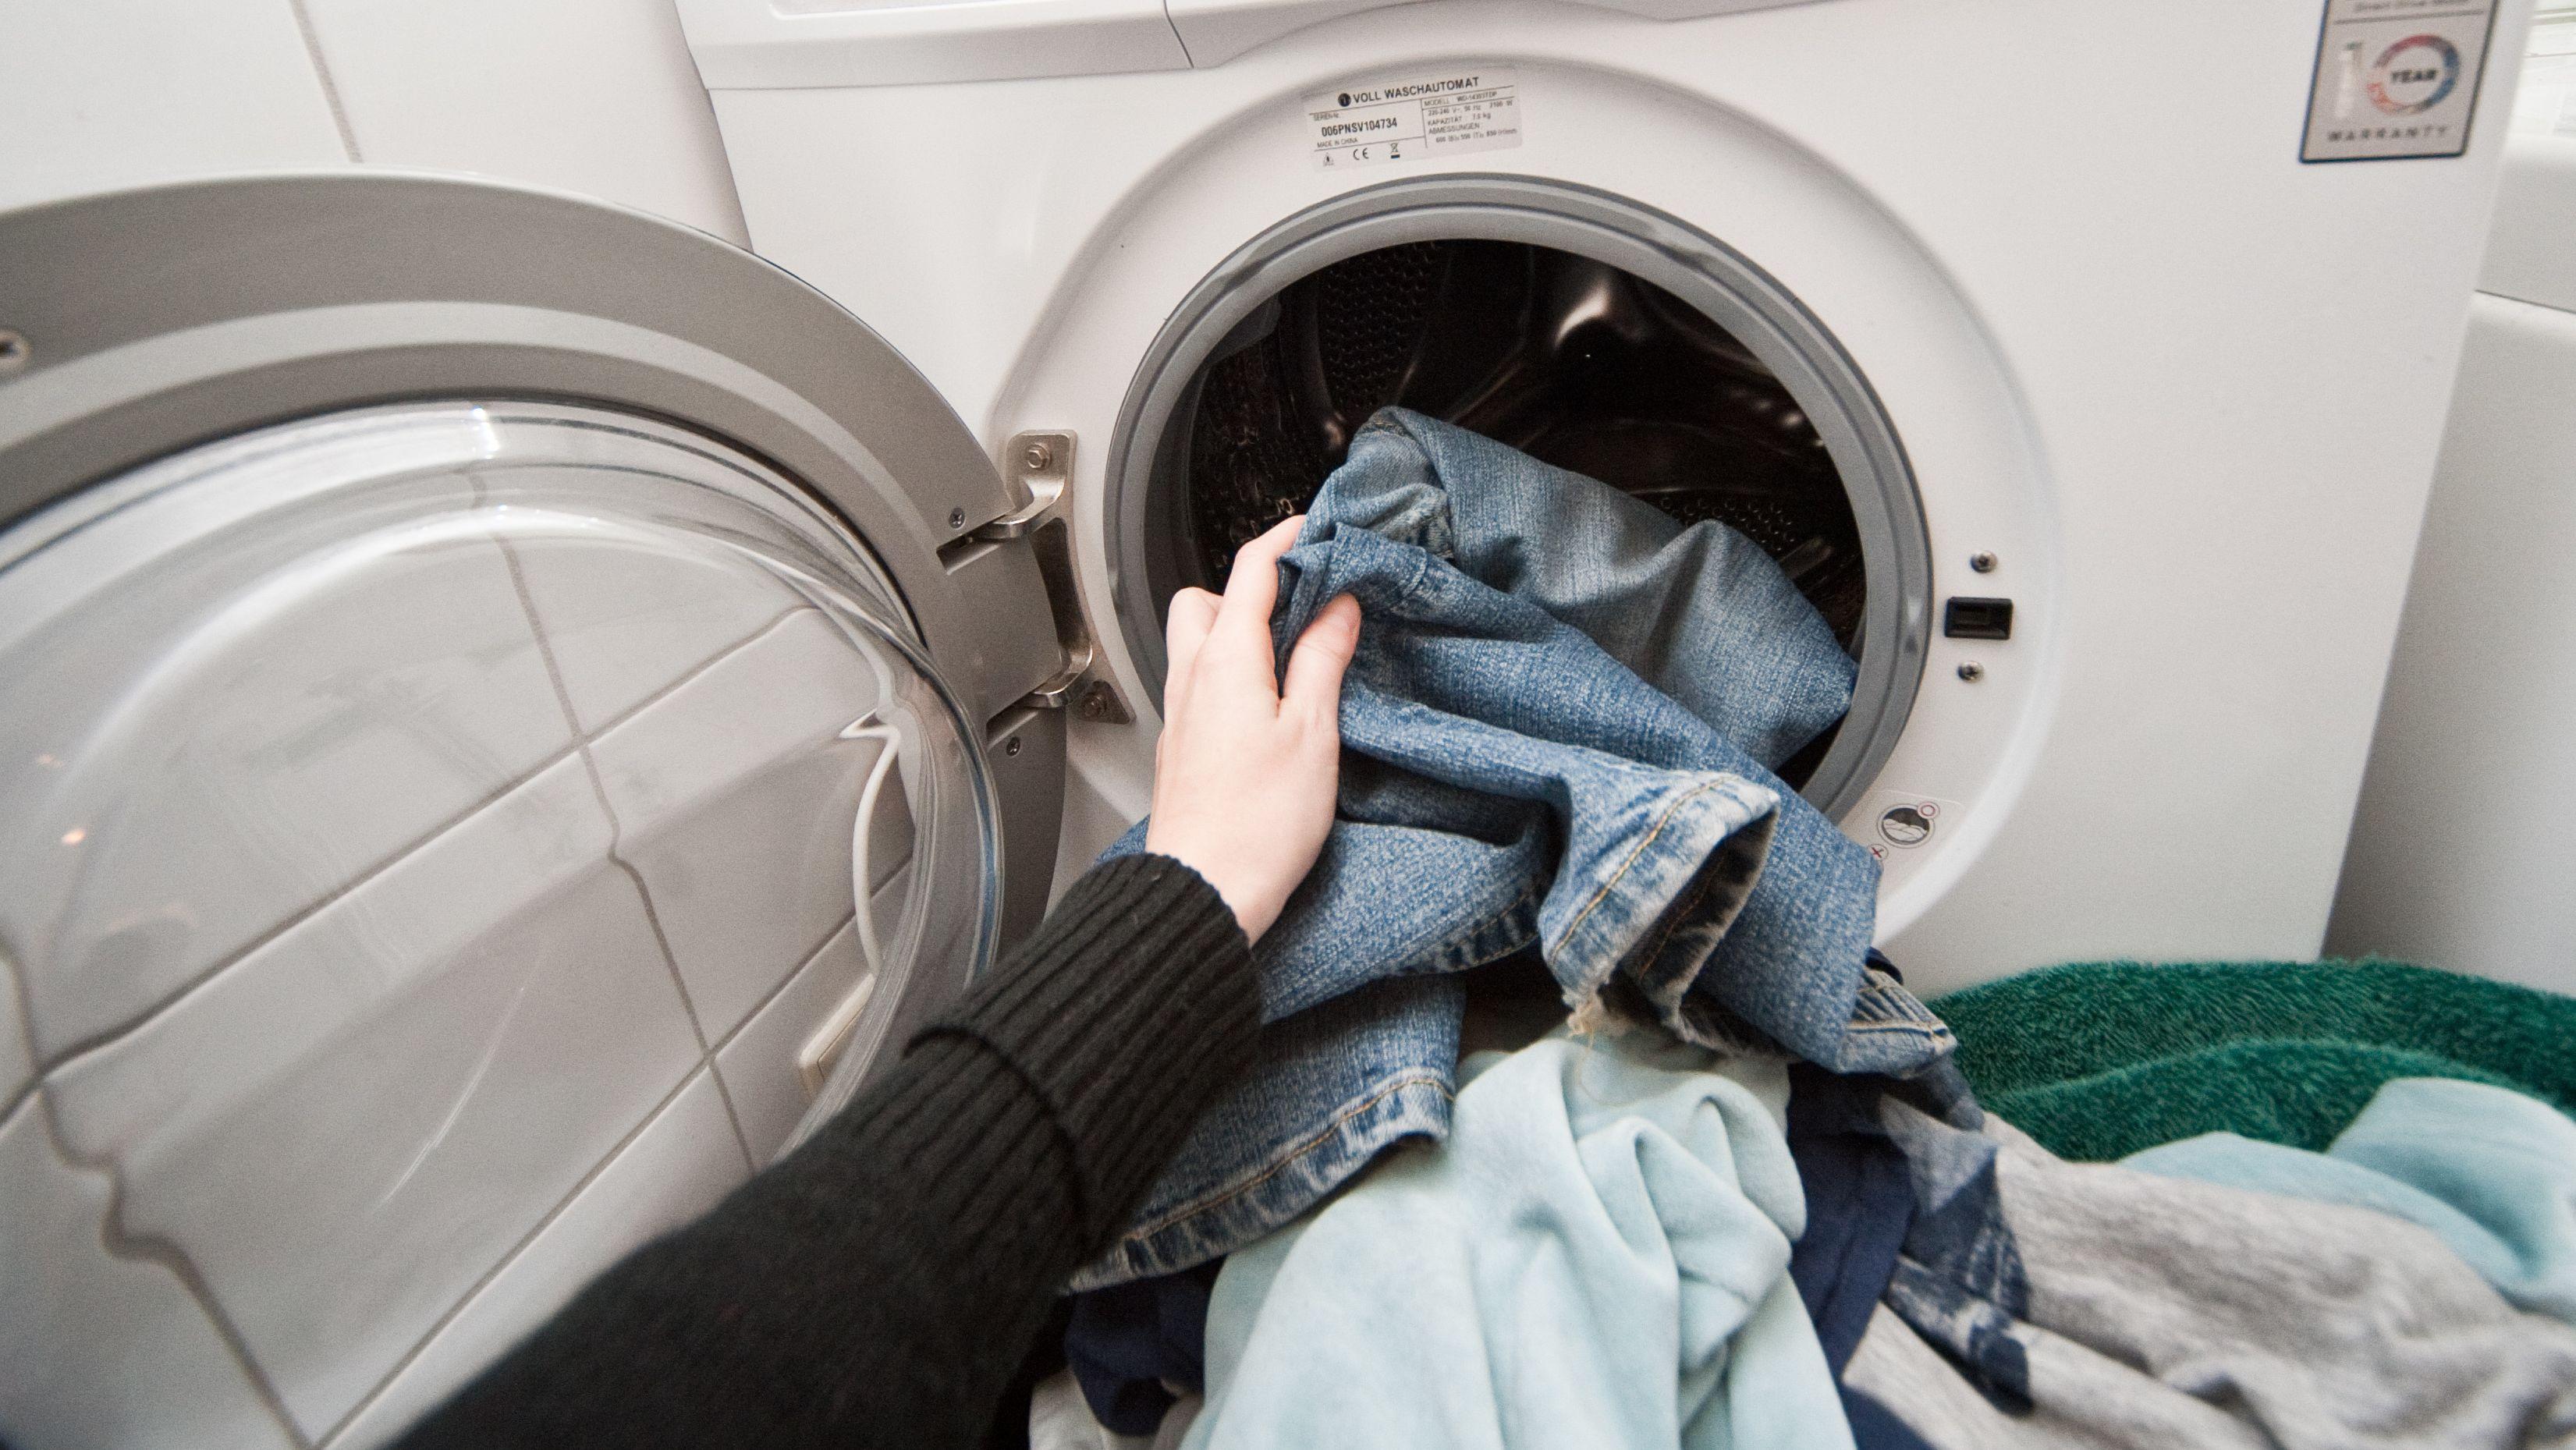 Wissenschaftler warnen: Lieber nicht zu kurz und zu kühl waschen!